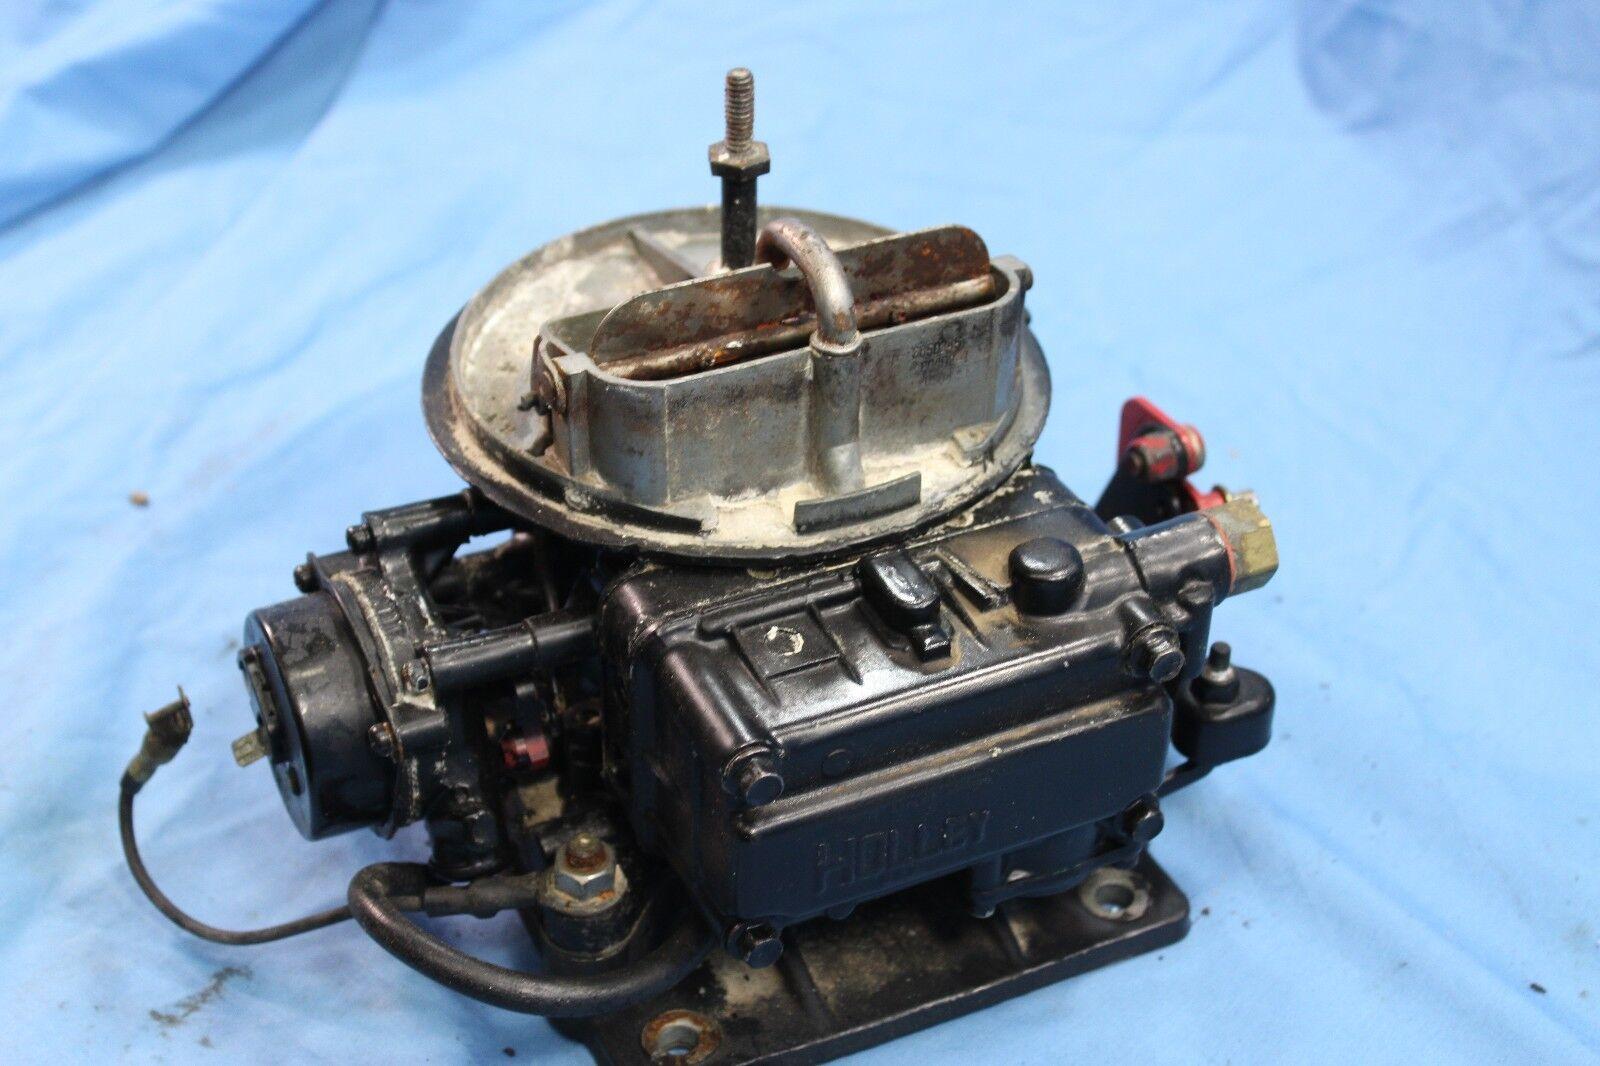 1994 1996 Montage 1997 Omc Johnson Evinrude Vergaser Montage 1996 3850245 Schneller Versand 602b6d